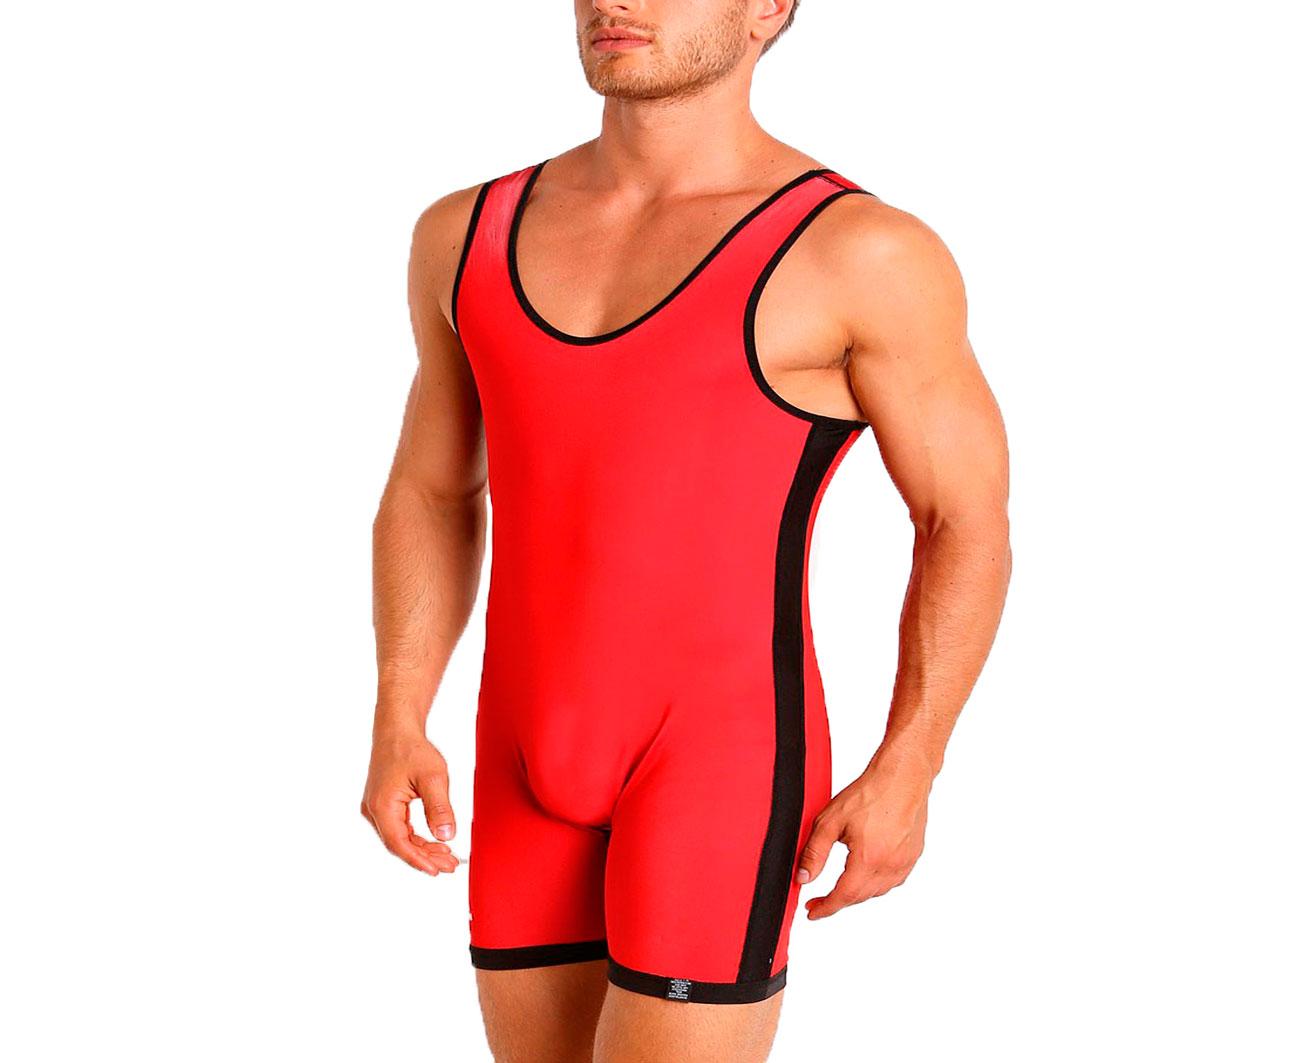 Трико борцовское Adidas двухстороннее Wrestling Reversible Singlet сине-красное S